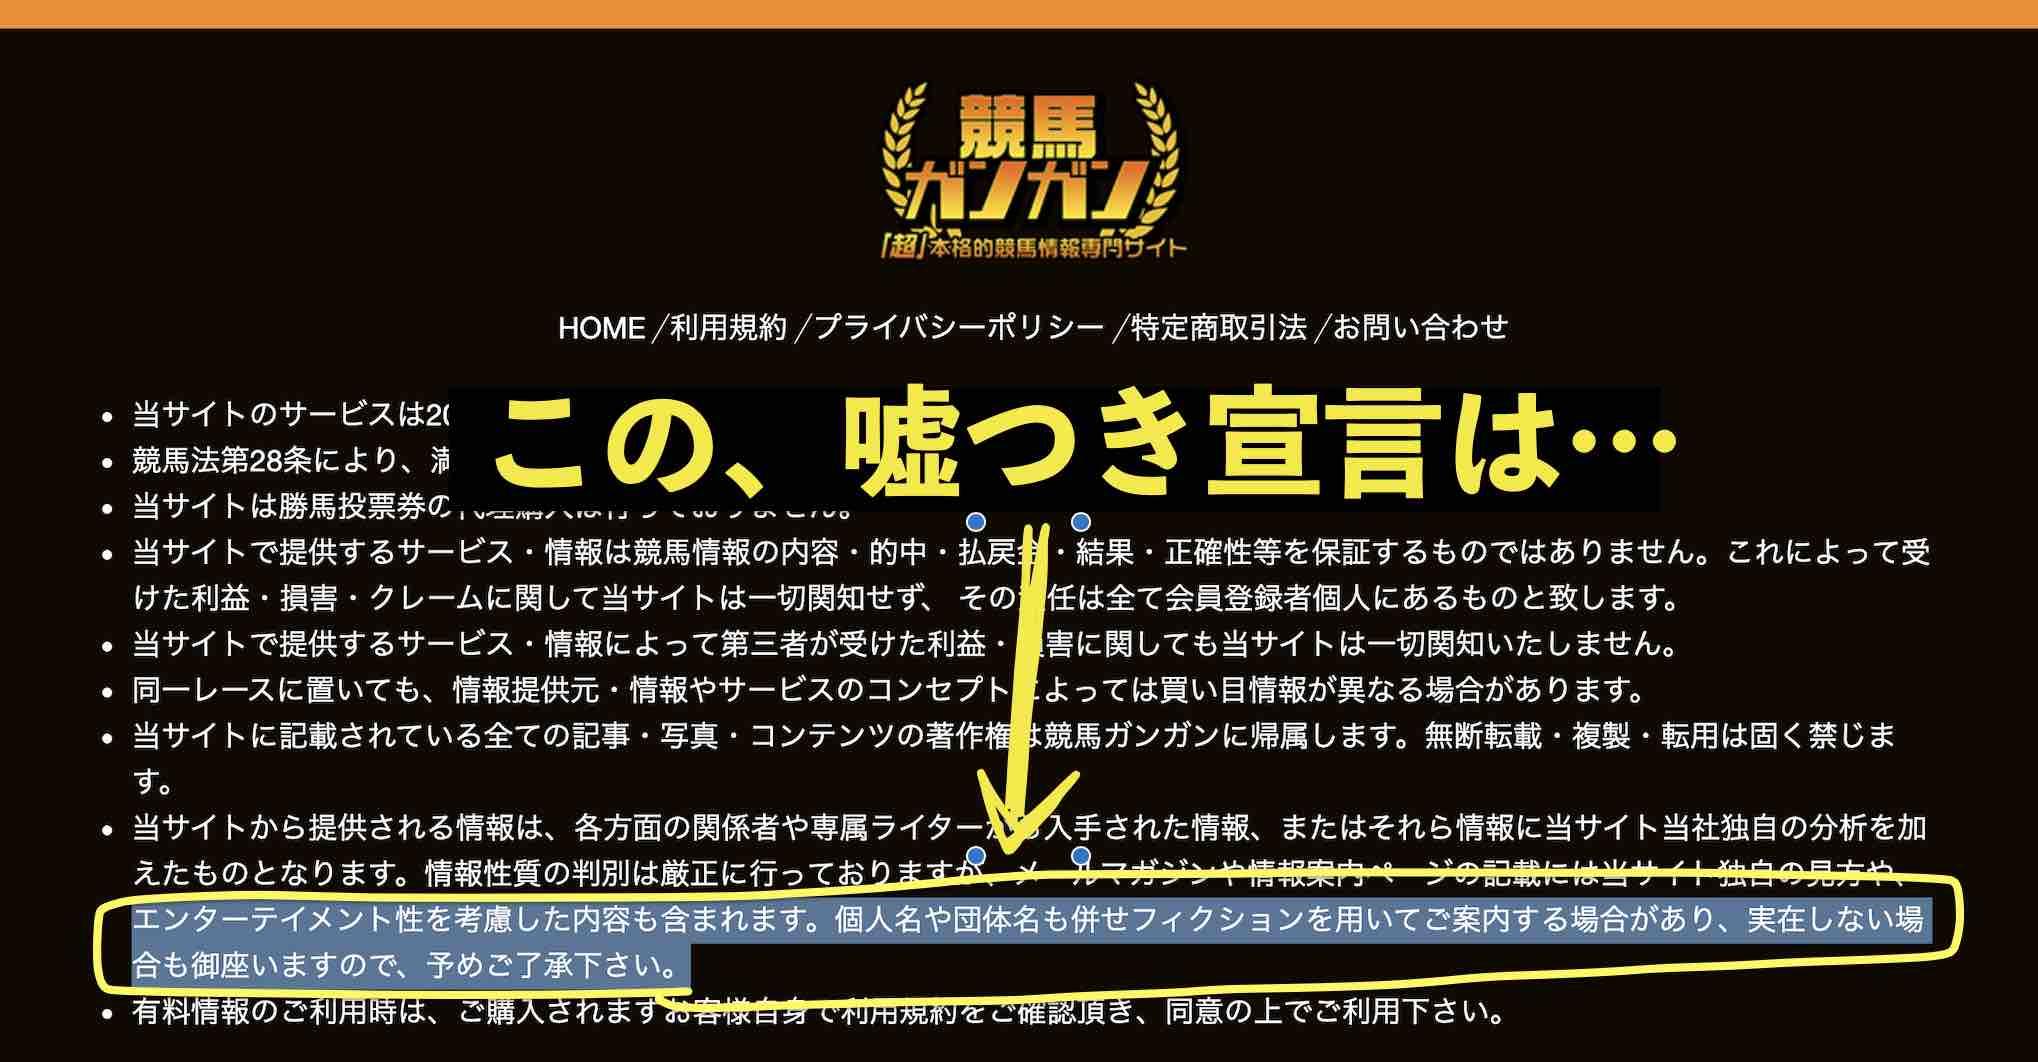 競馬ガンガンという競馬予想サイトの嘘つき宣言